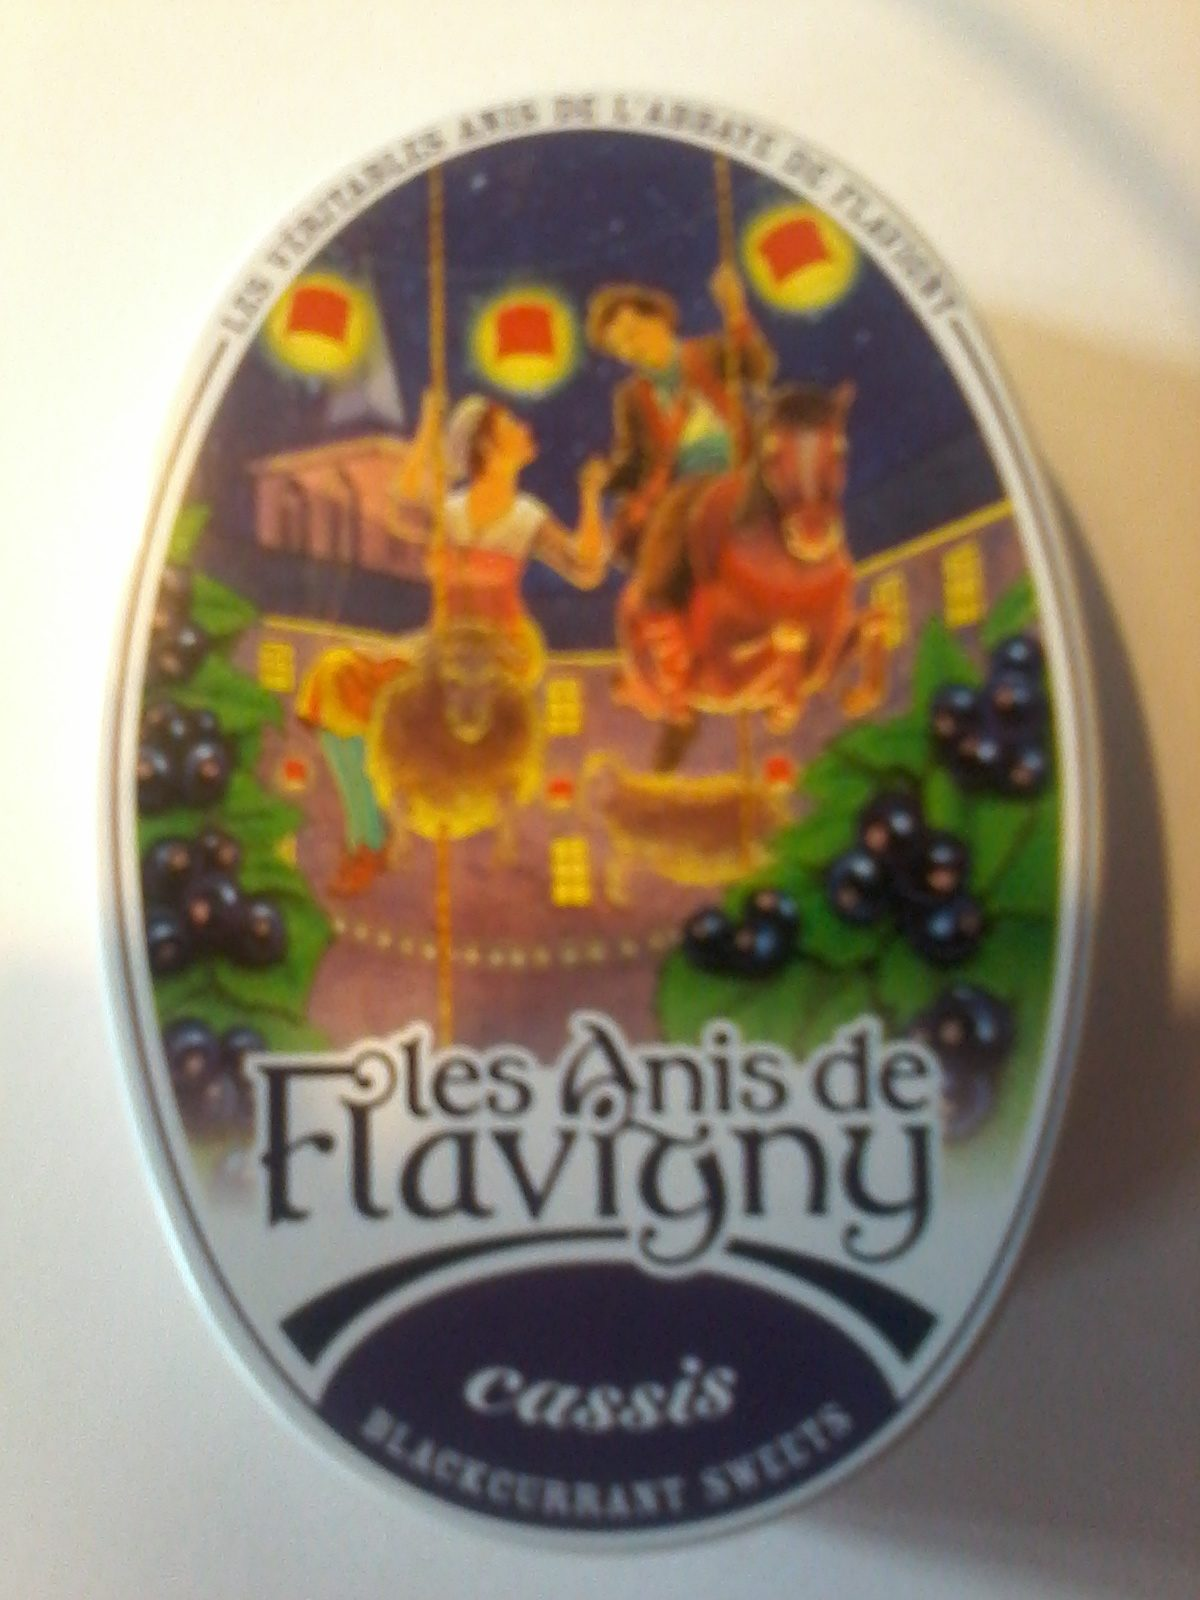 Les anis de Flavigny aux cassis - Product - fr